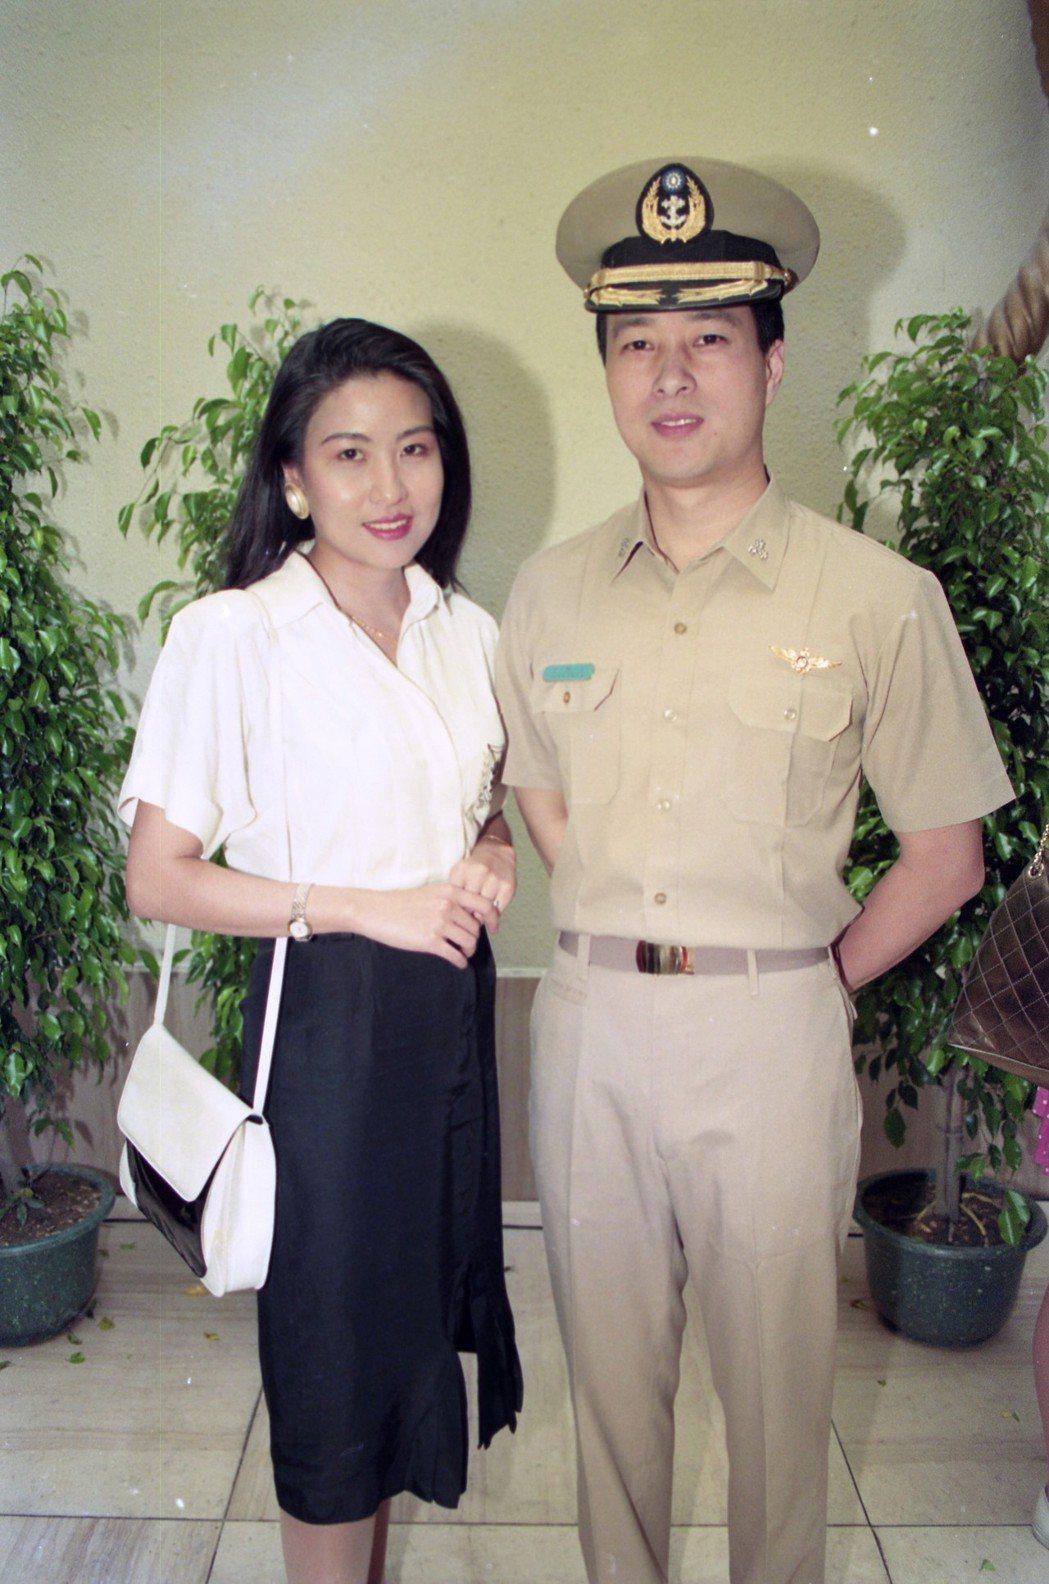 姜厚任(右)當年是中視當家小生,主演八點連續劇「軍官與淑女」穿軍服亮相。本報資料